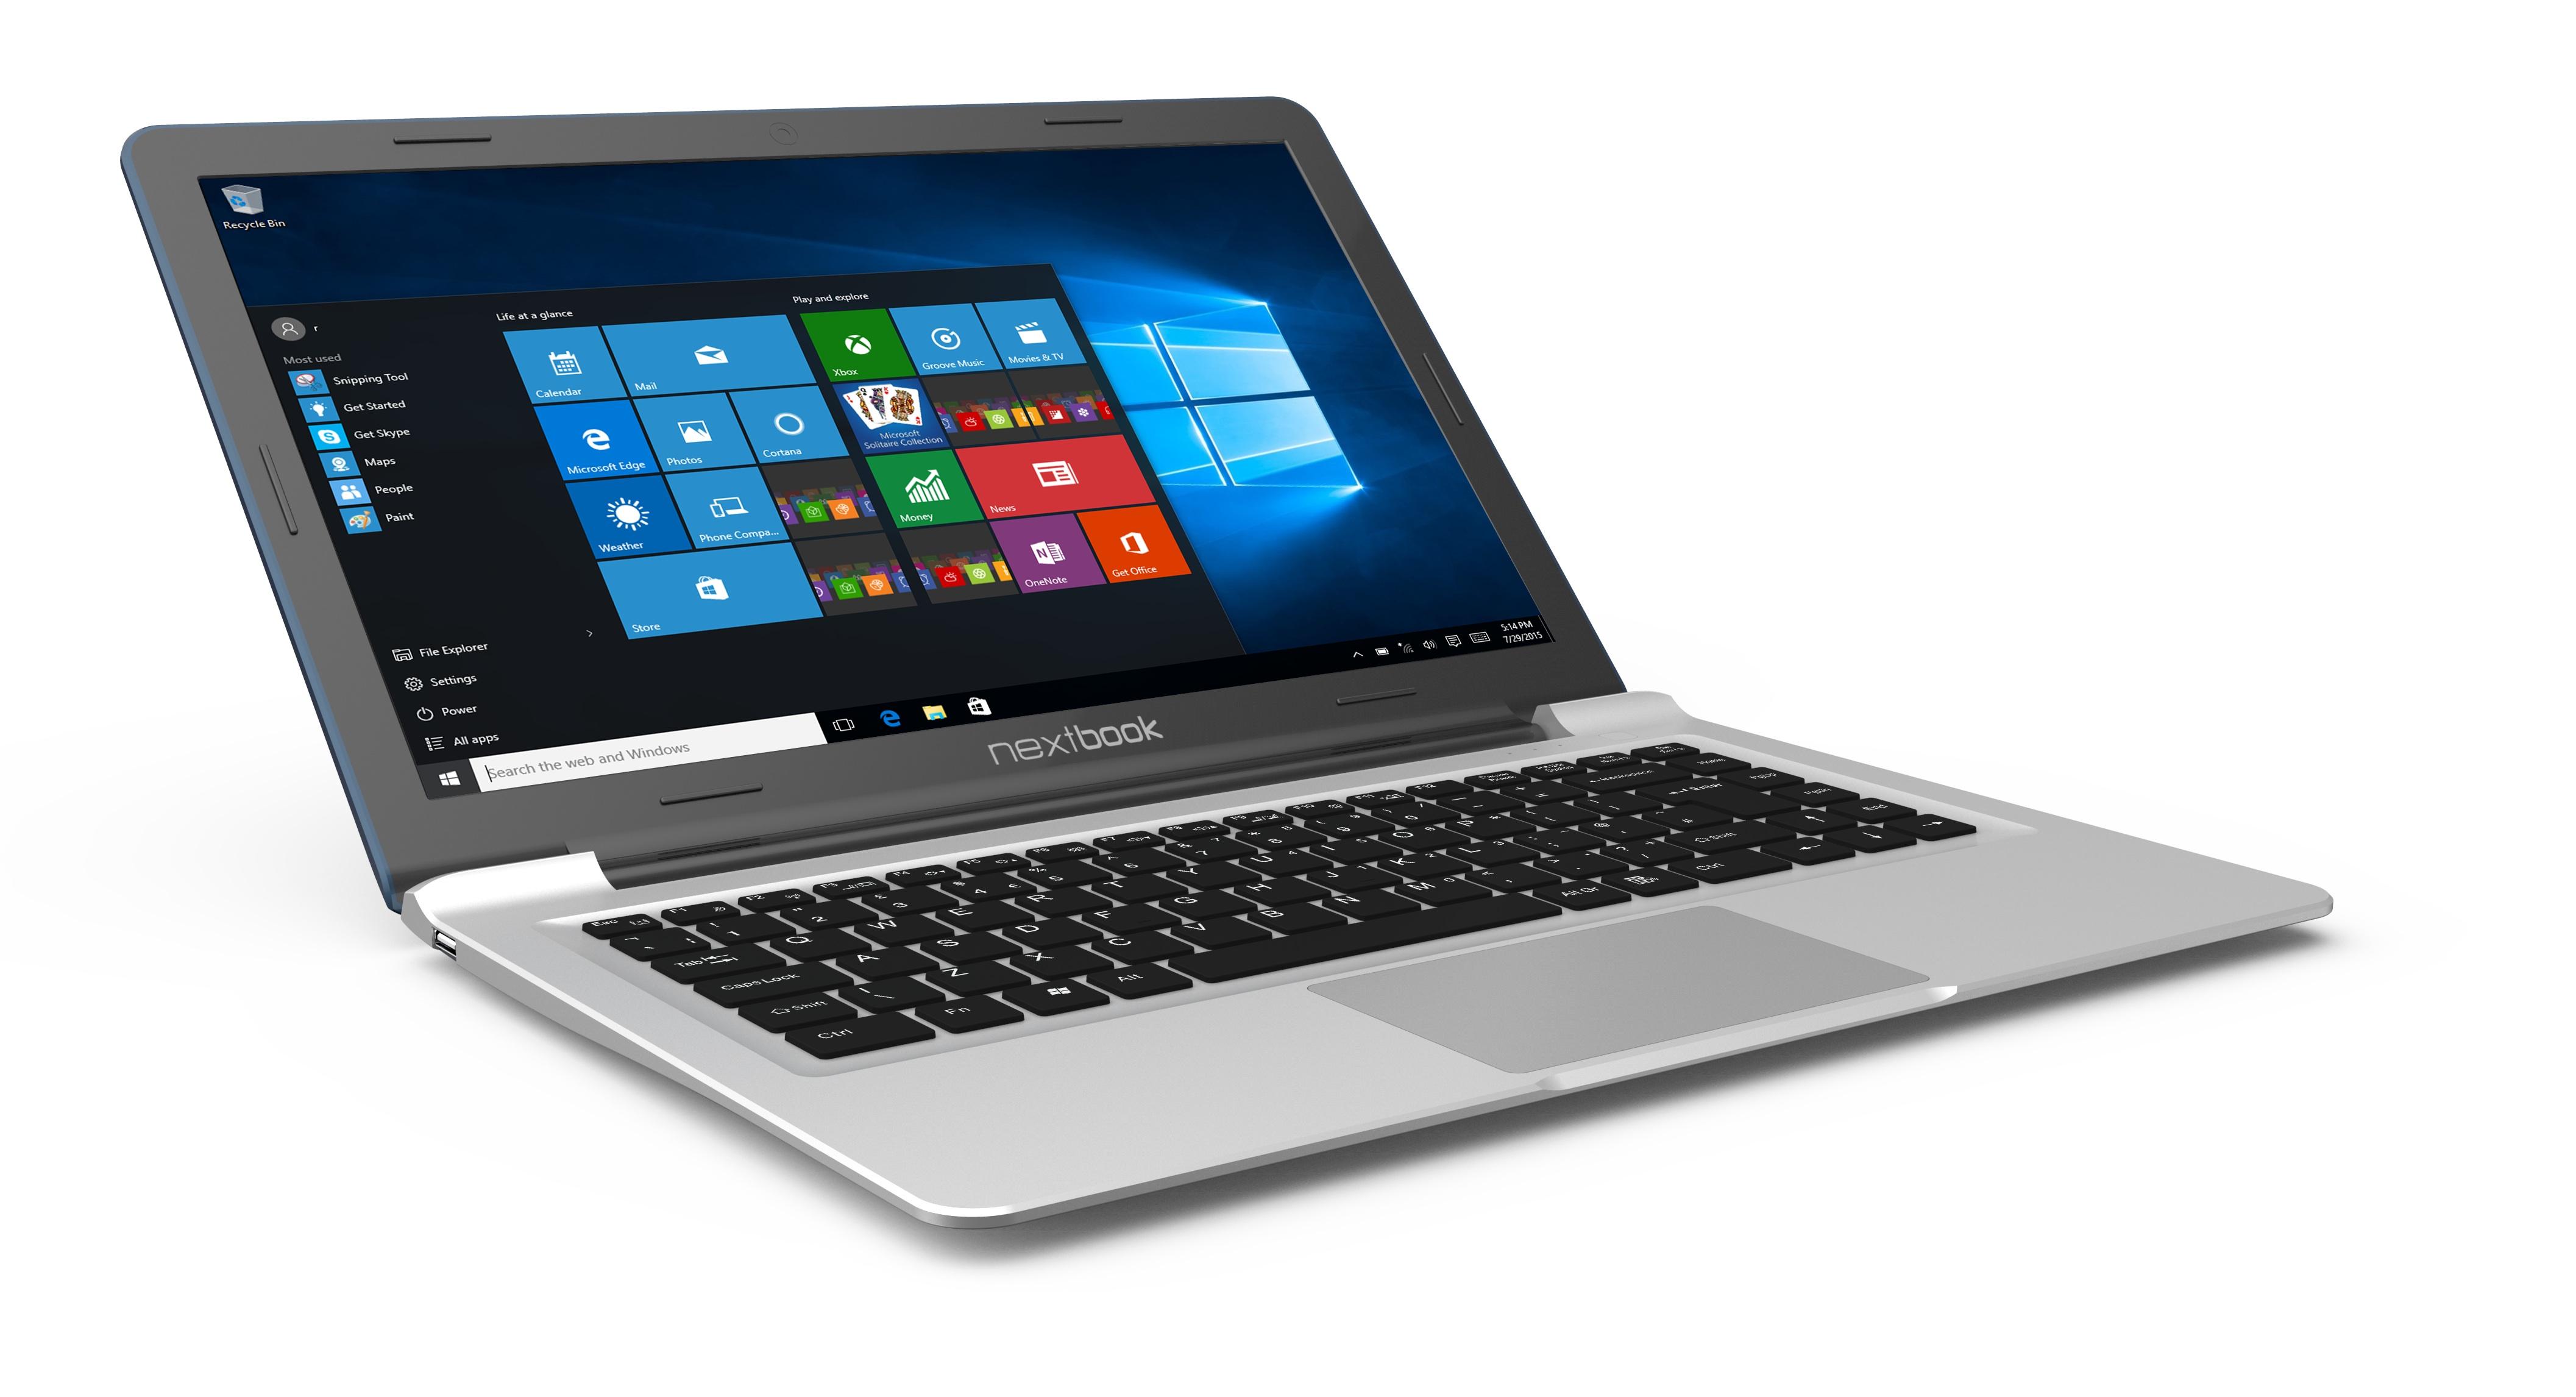 Adik Dari Laptop Yang Biasa Kita Menyebutnya Dengan Notebook